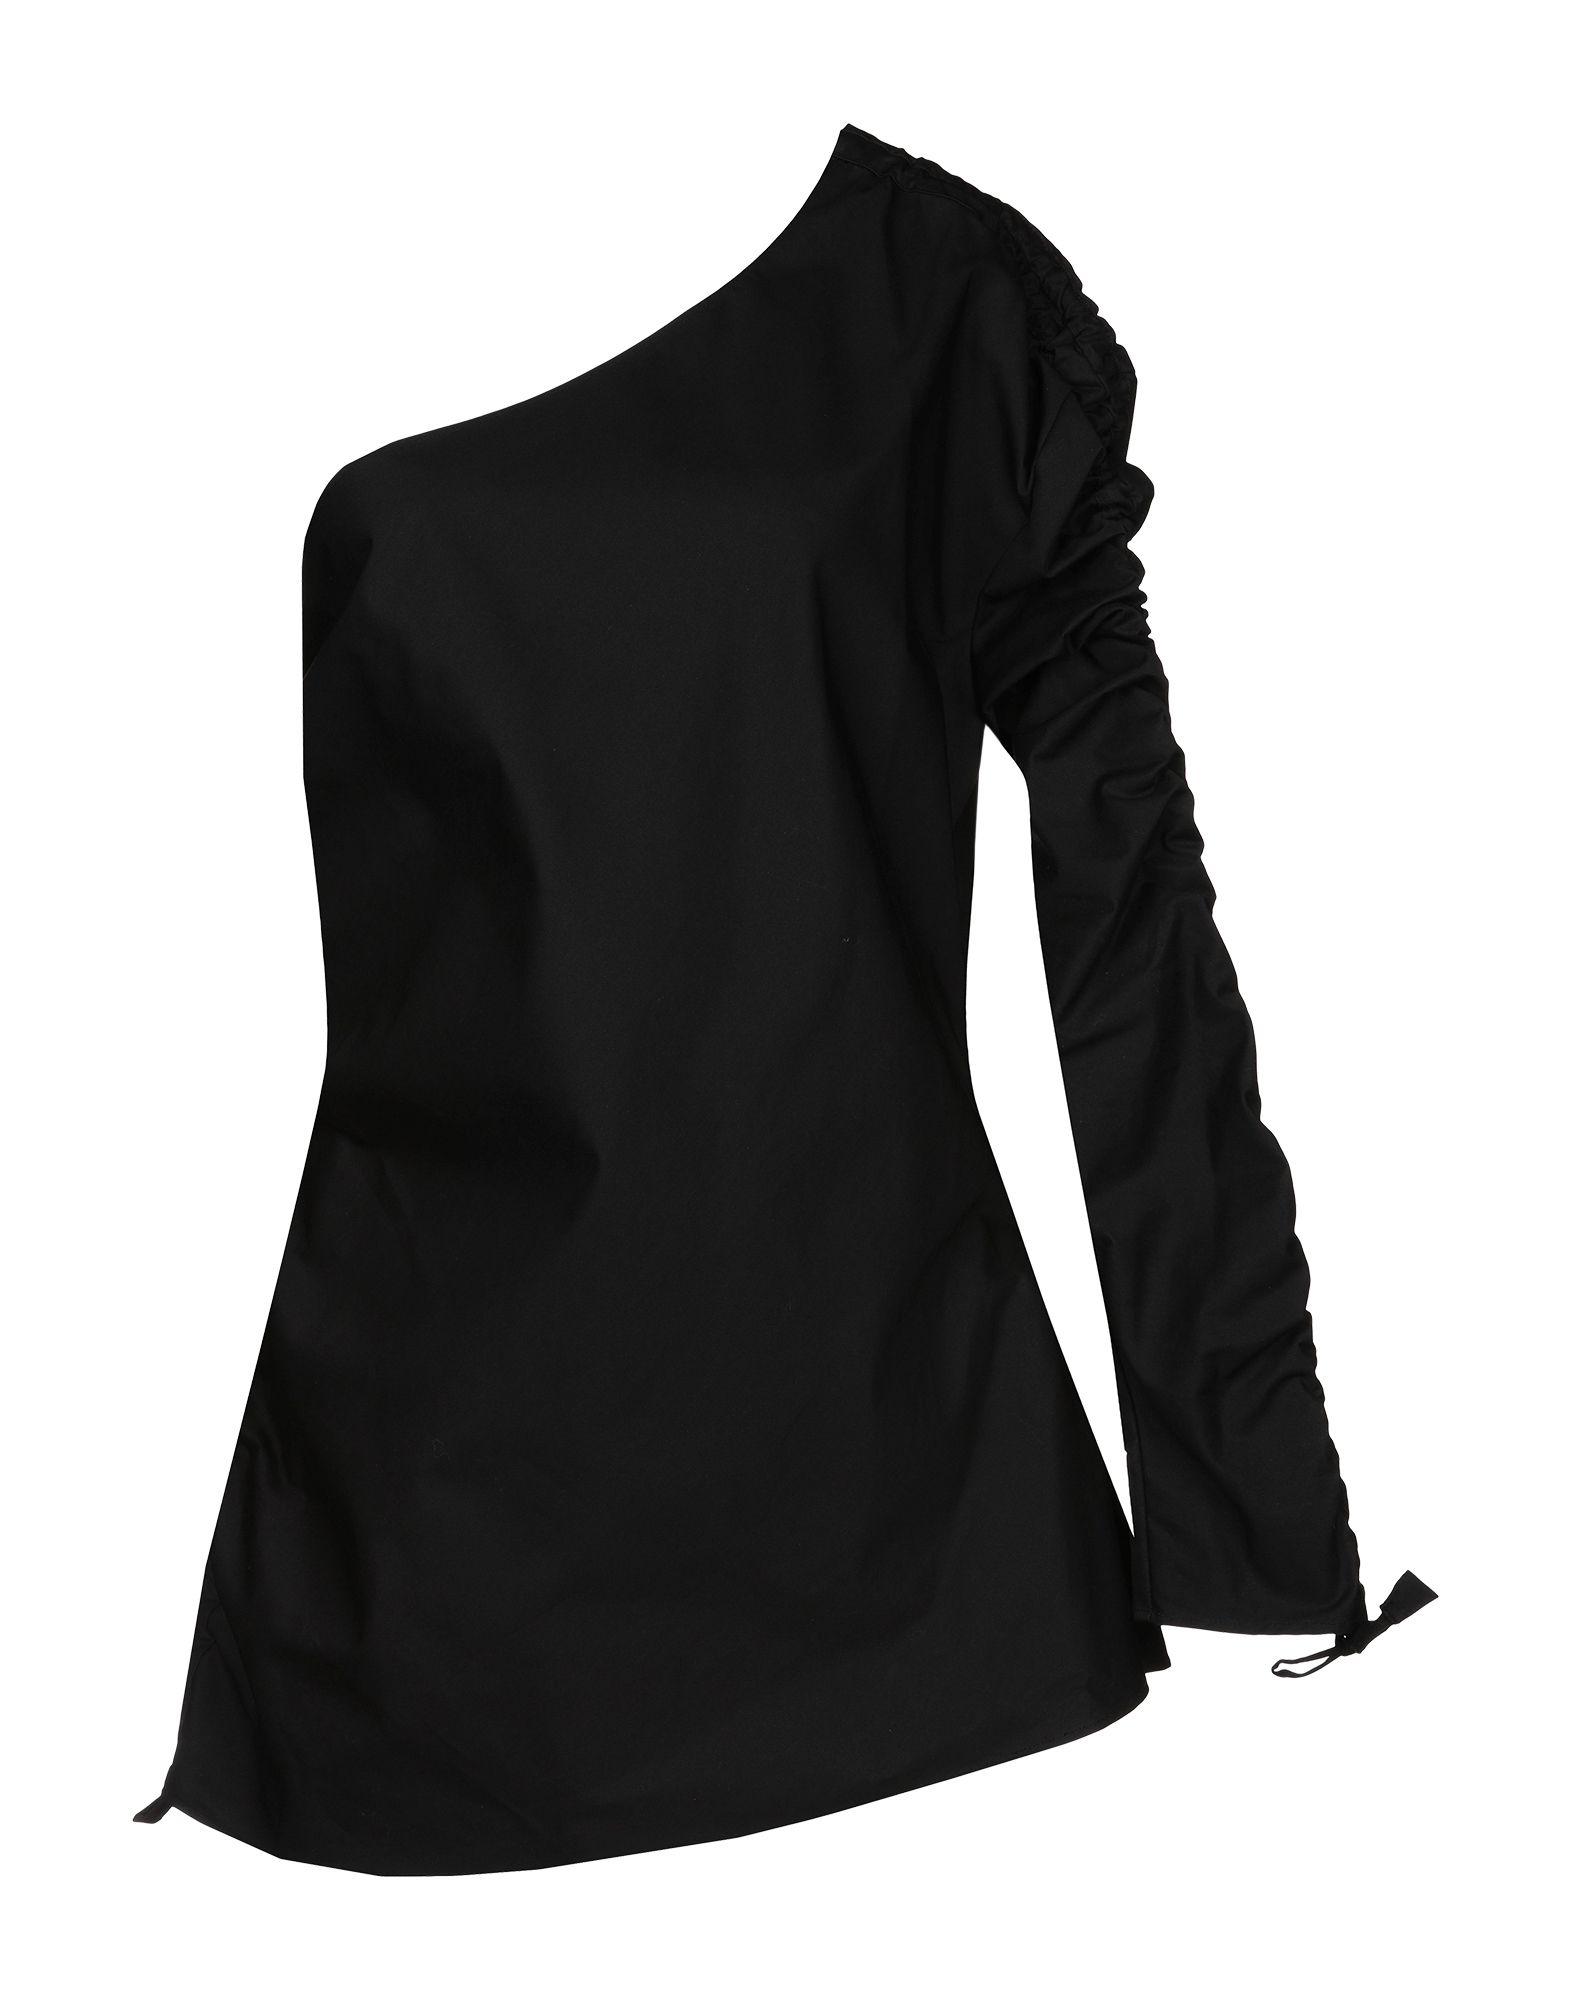 CASASOLA Blouses in Black